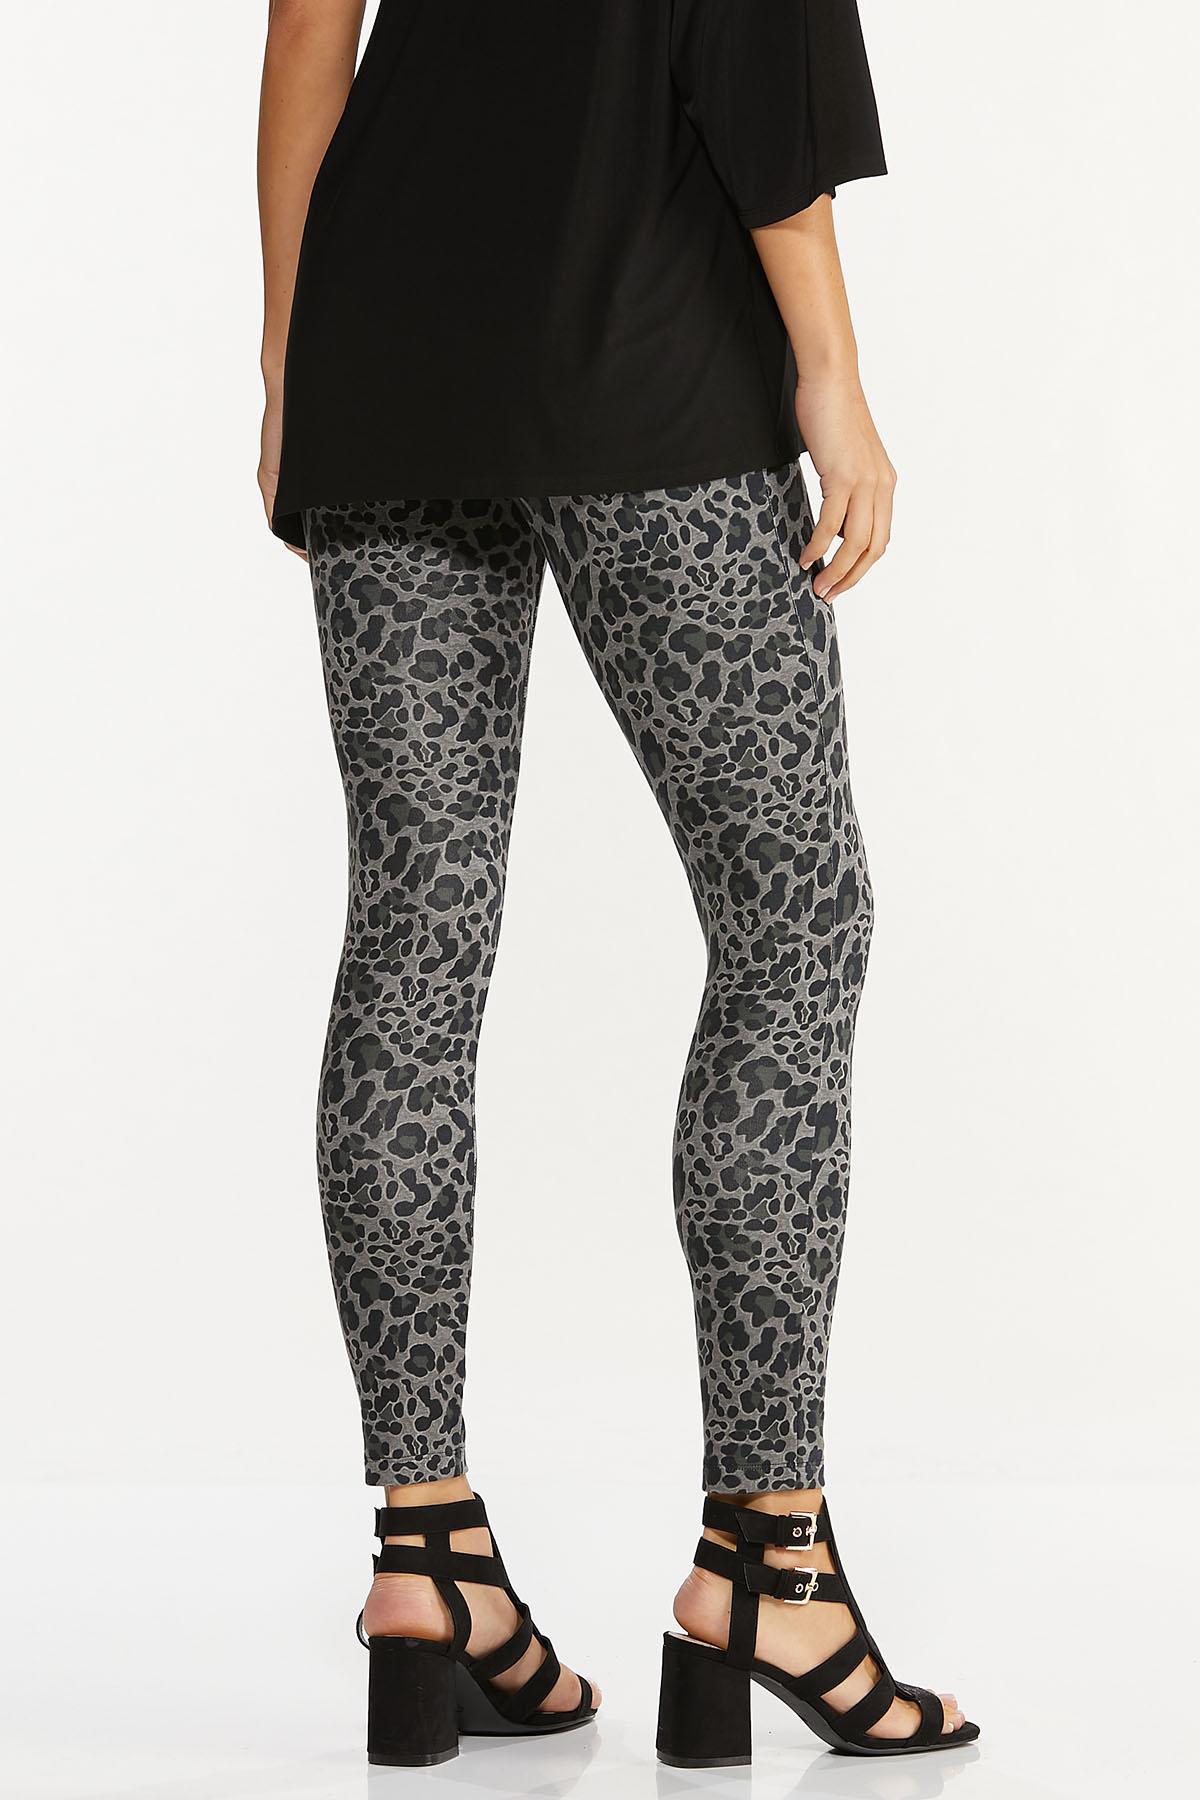 Petite Leopard Ponte Leggings (Item #44671954)